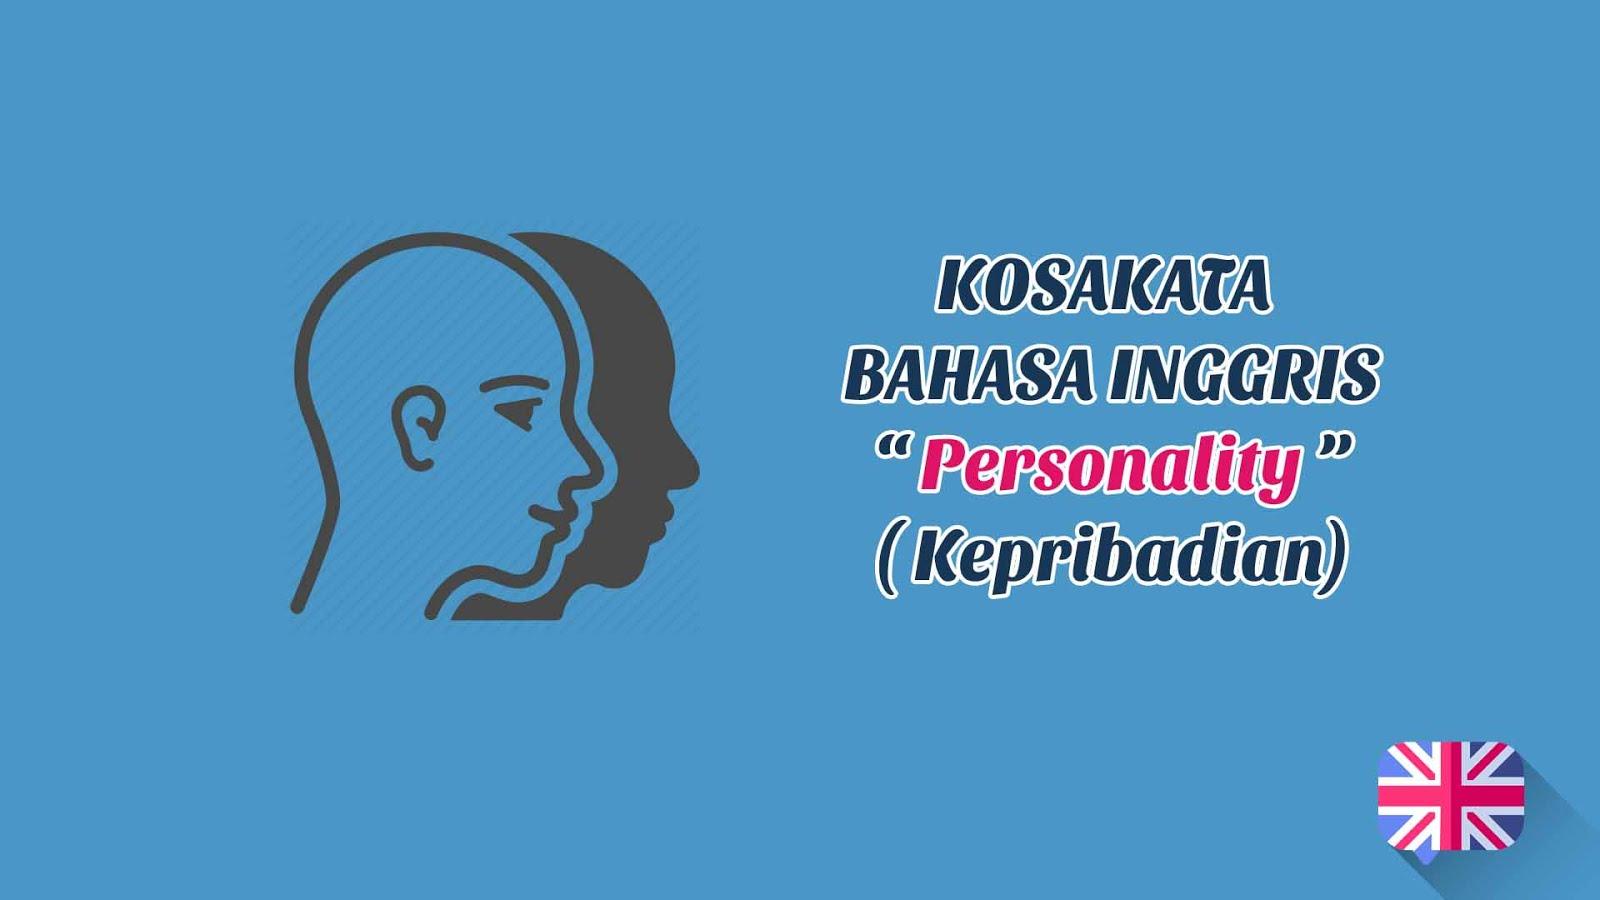 Kepribadian (Personality) + Pronunciation - Kosakata Bahasa Inggris